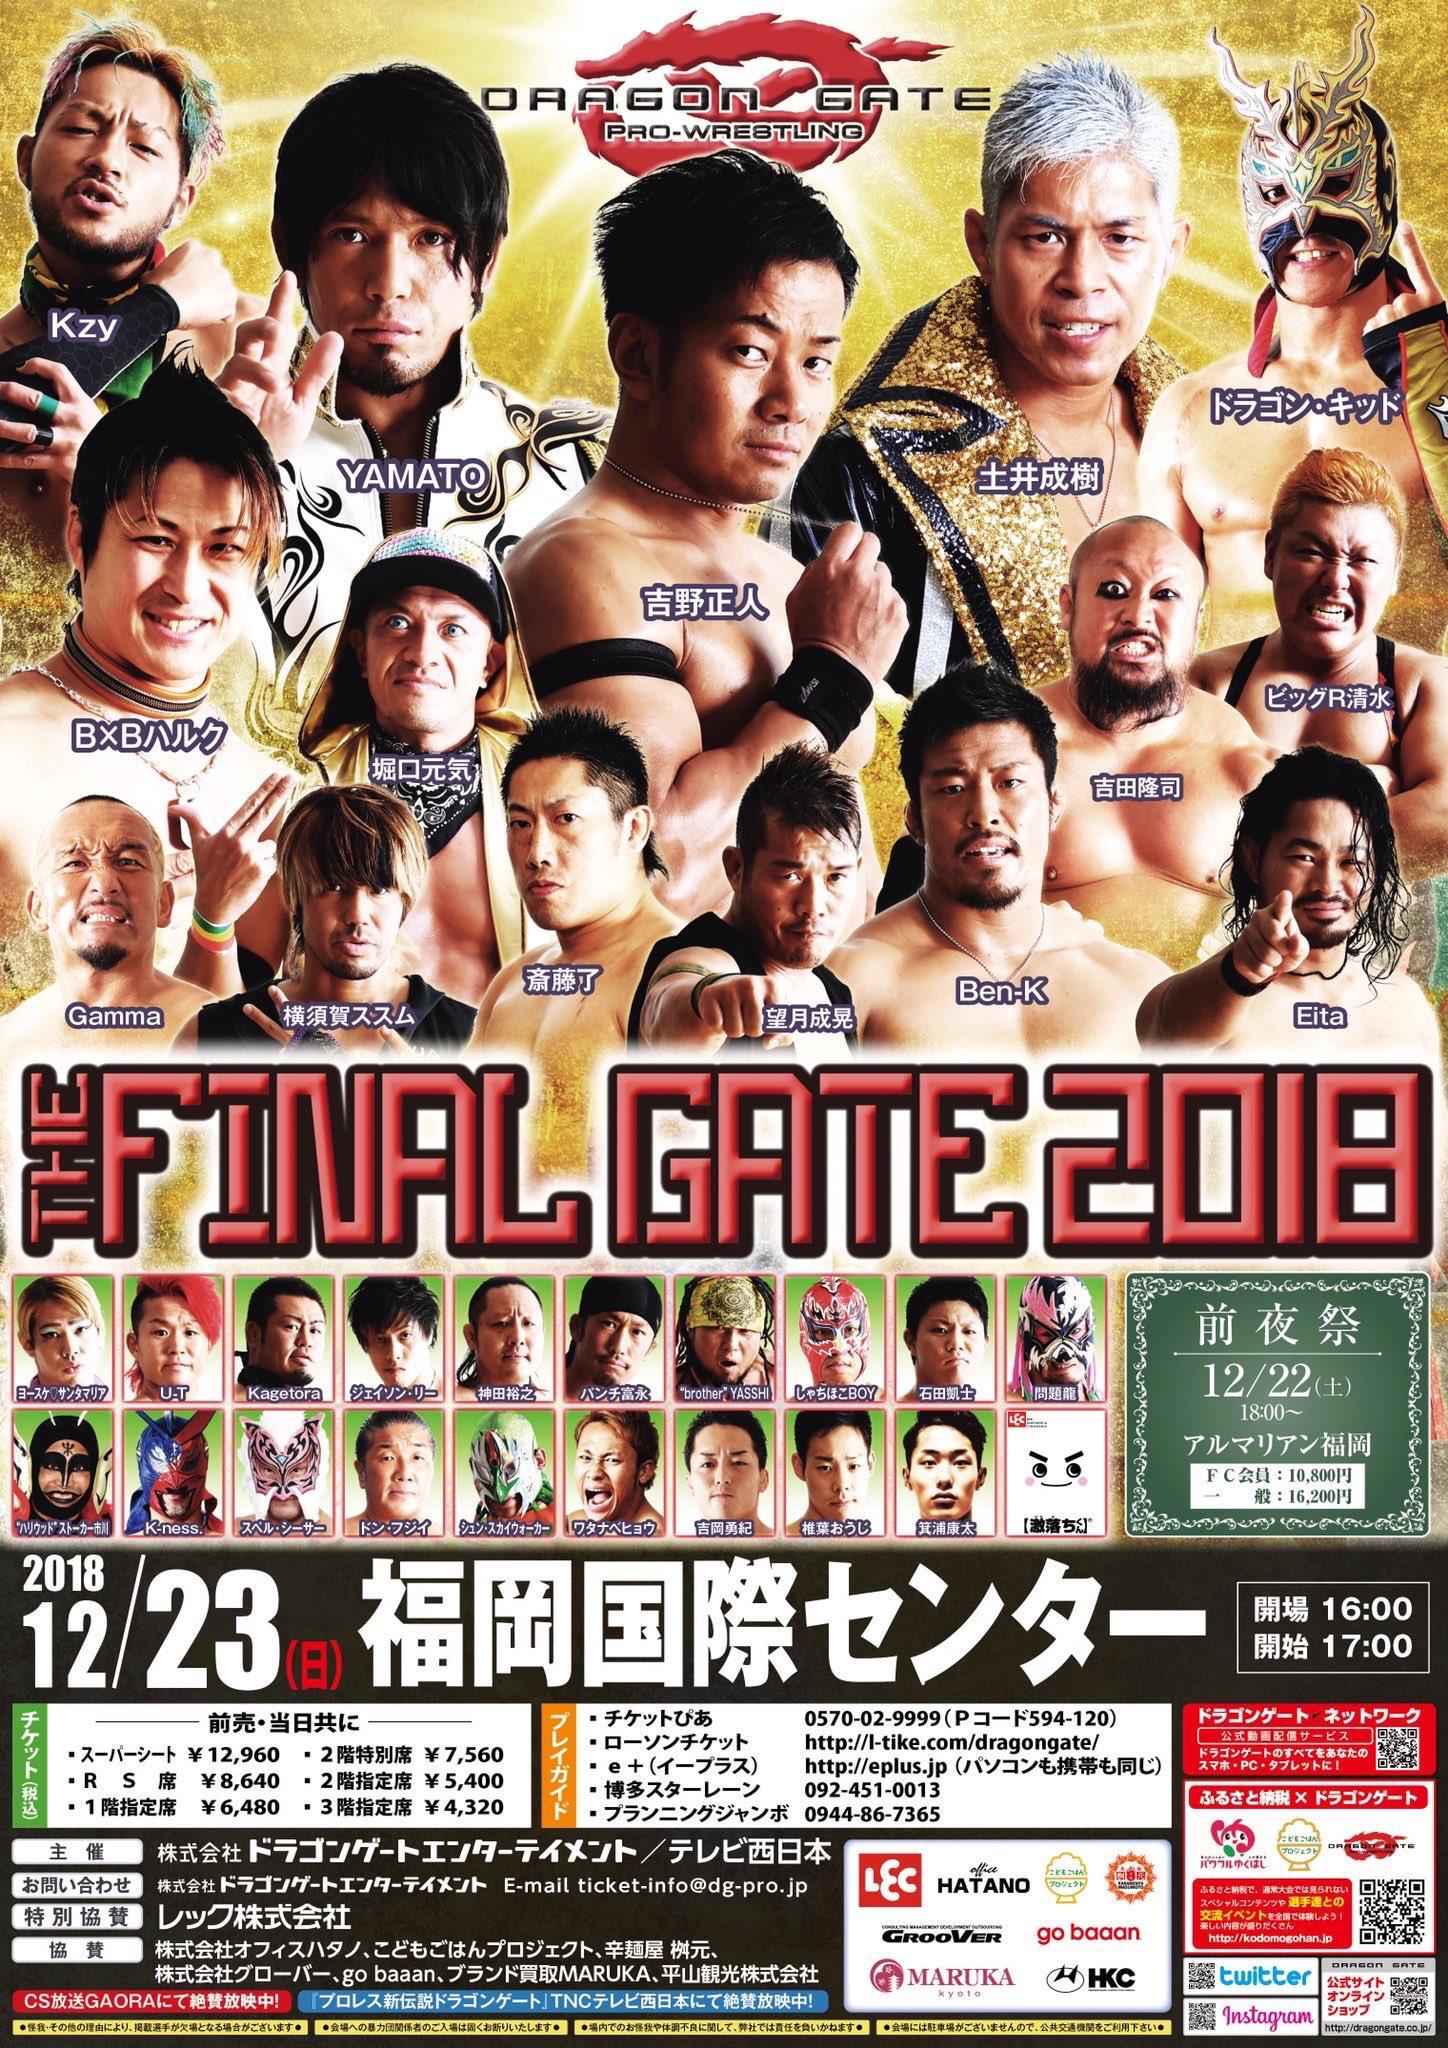 December 23, 2018 – The Final Gate 2018